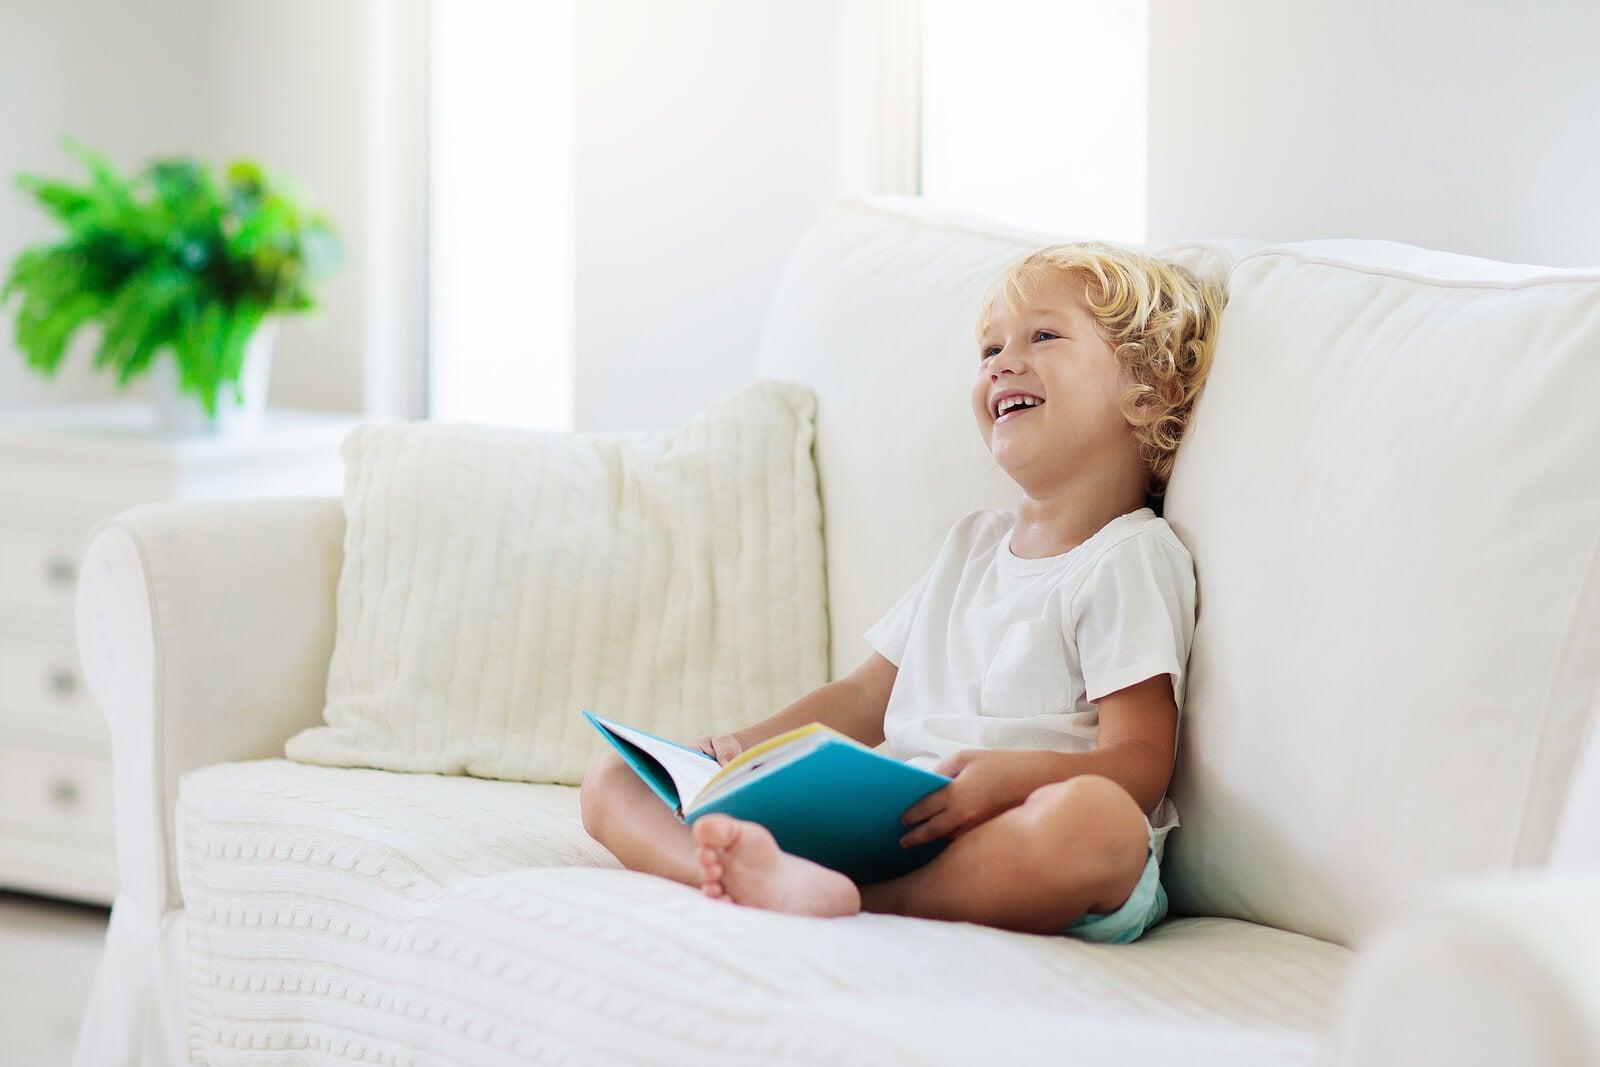 Niño leyendo cuentos sobre la envidia sentado en el sofá de casa.